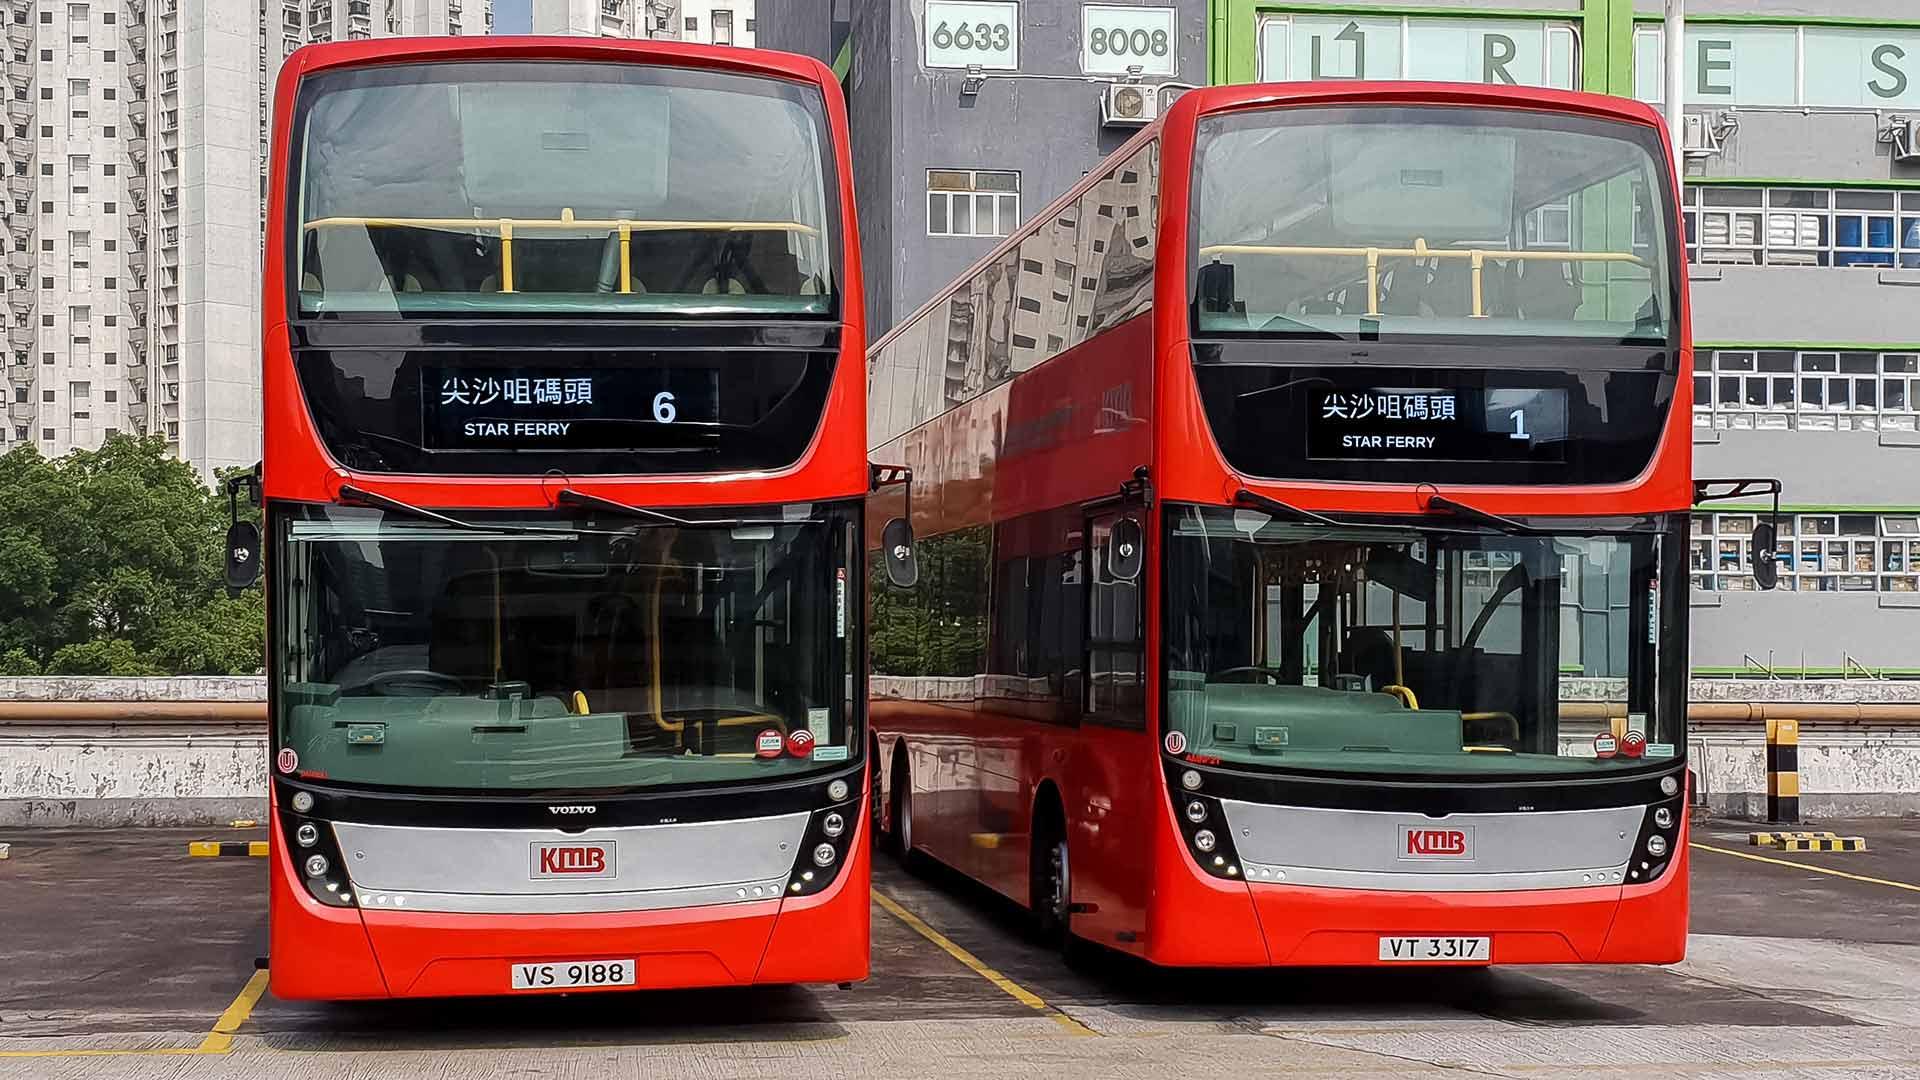 Digital destination bus blinds